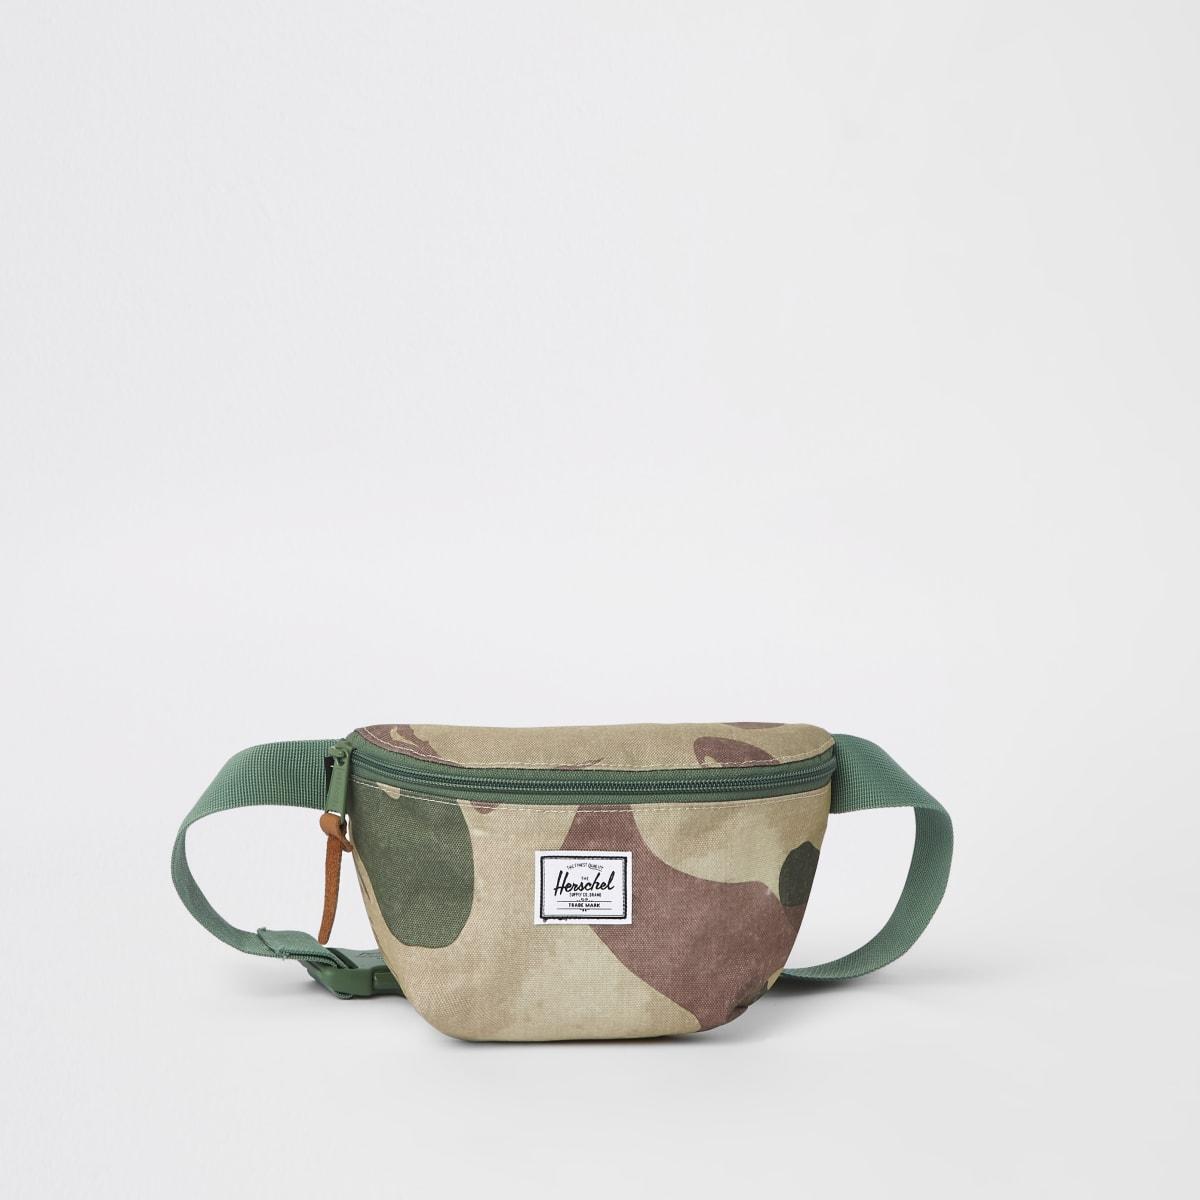 Herschel green Fourteen camo cross body bag